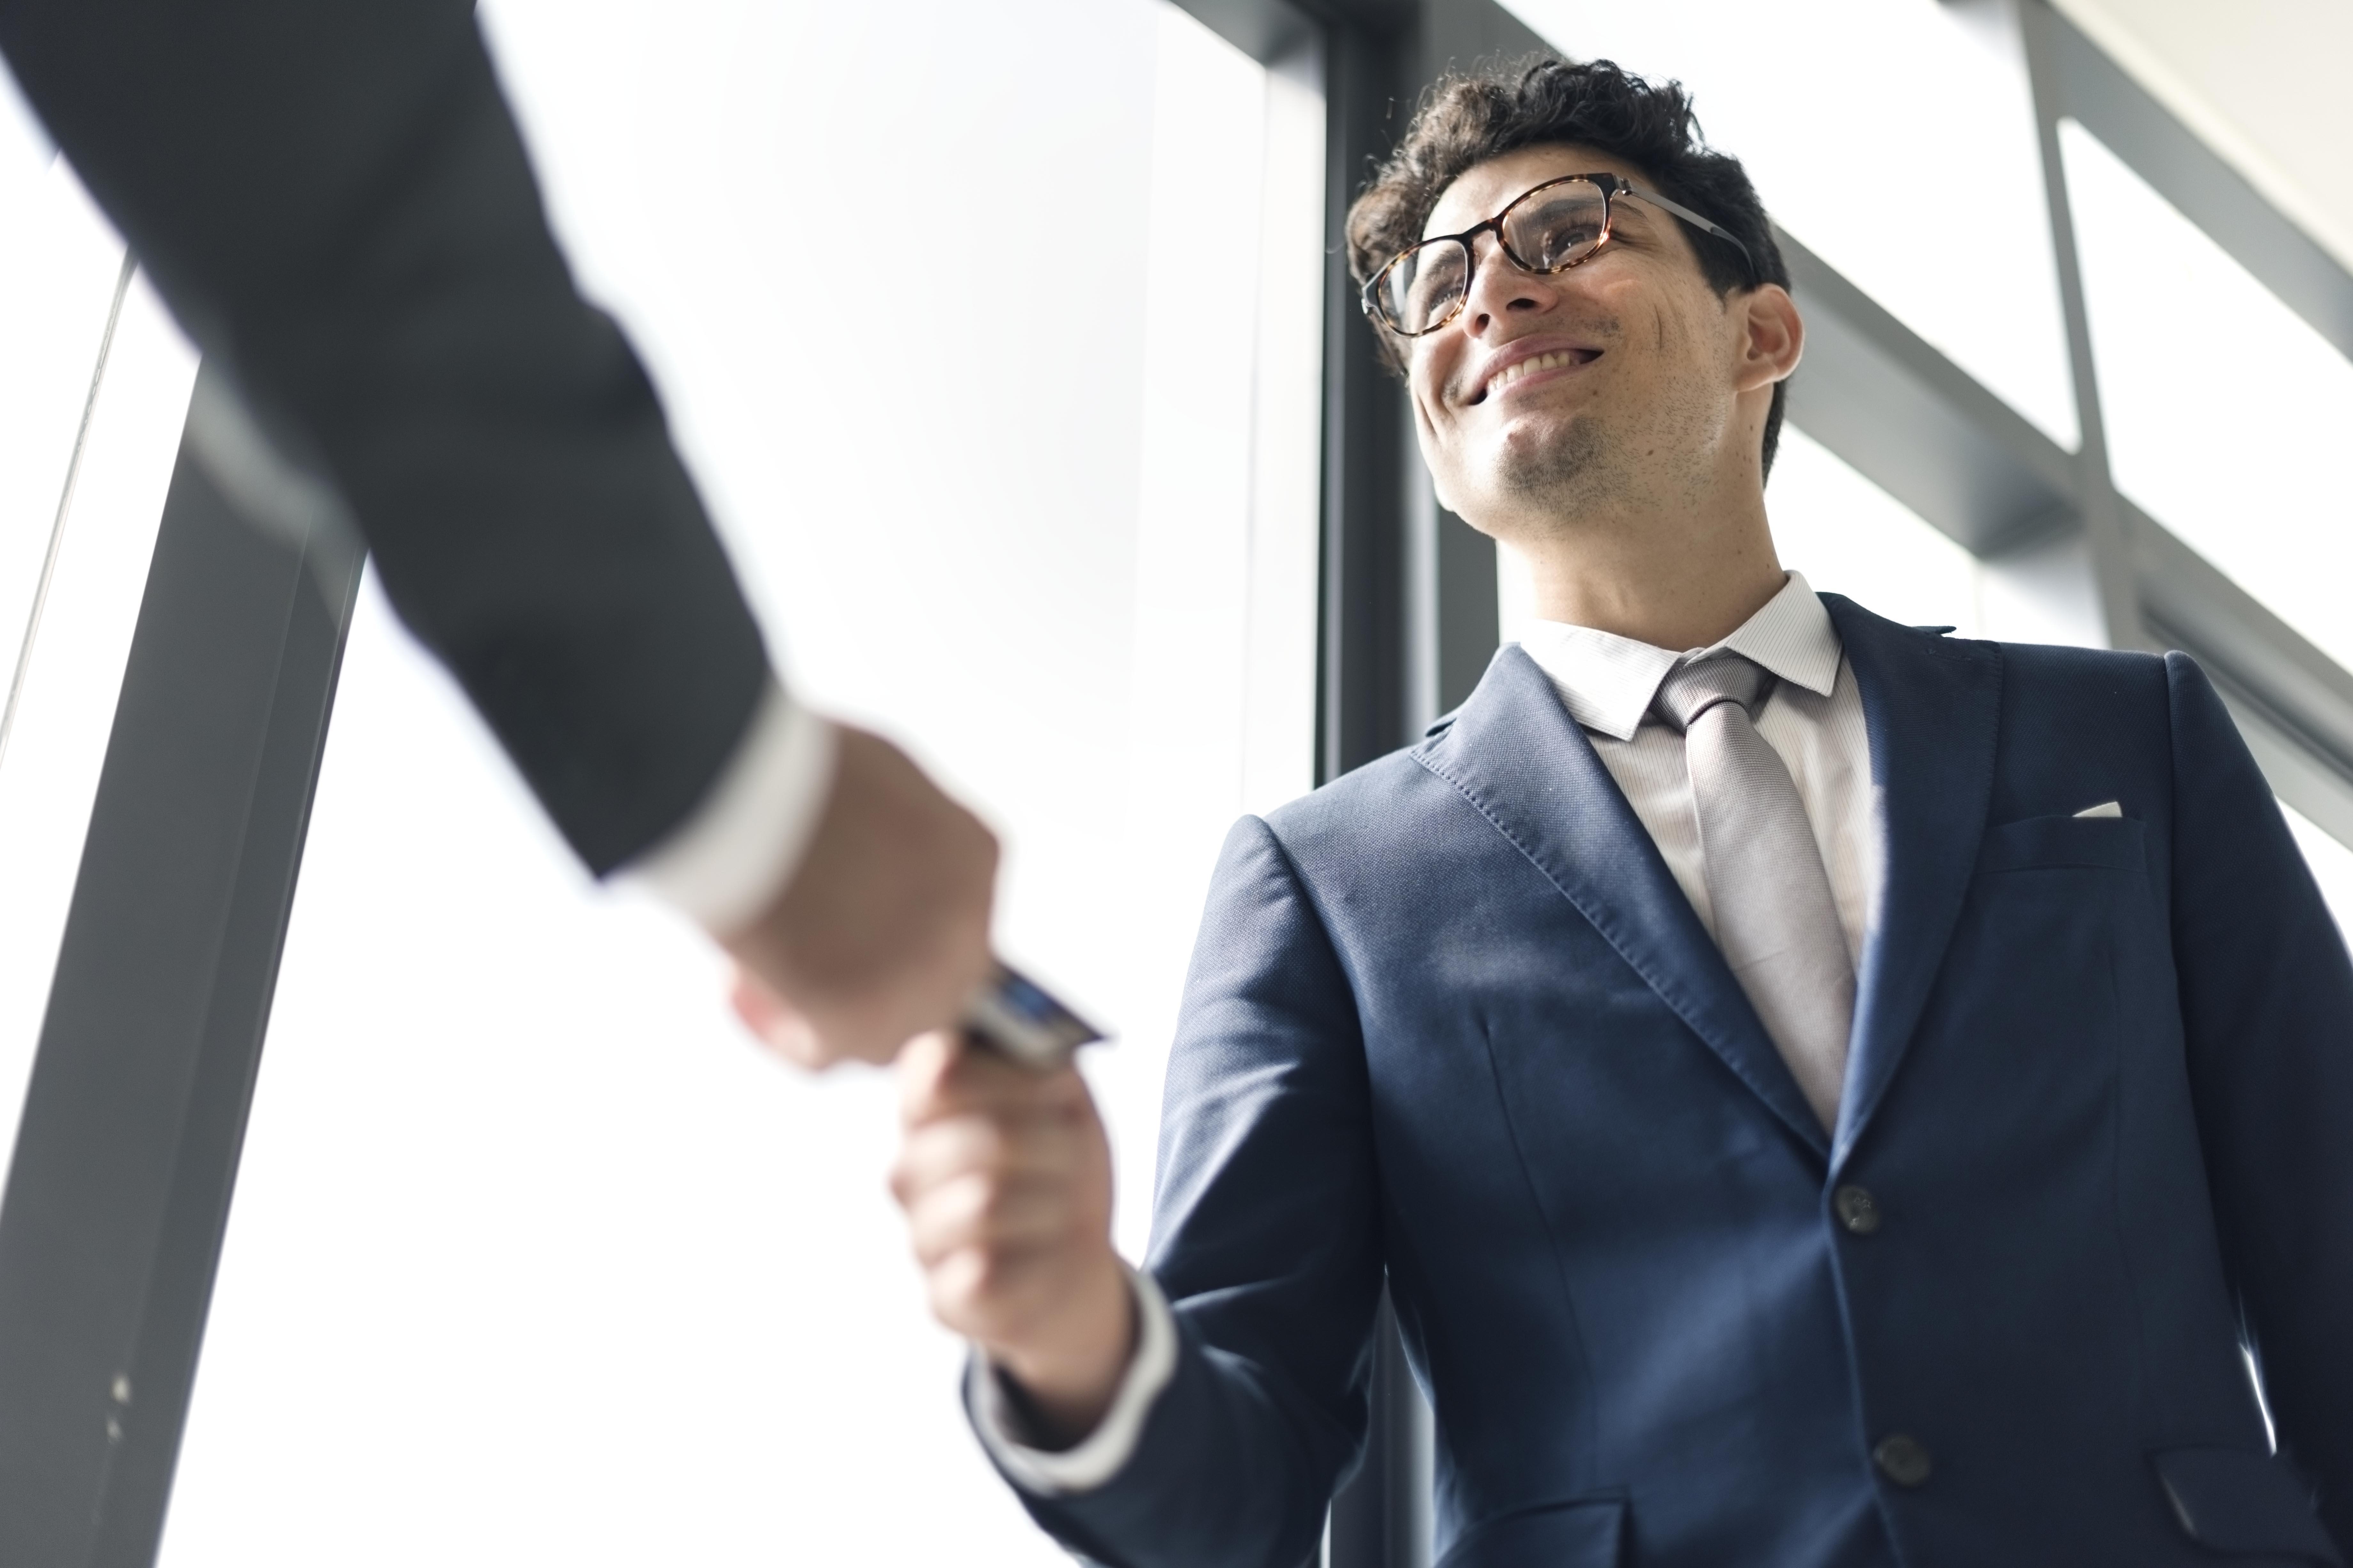 Estas são as 12 competências para se destacar em qualquer profissão